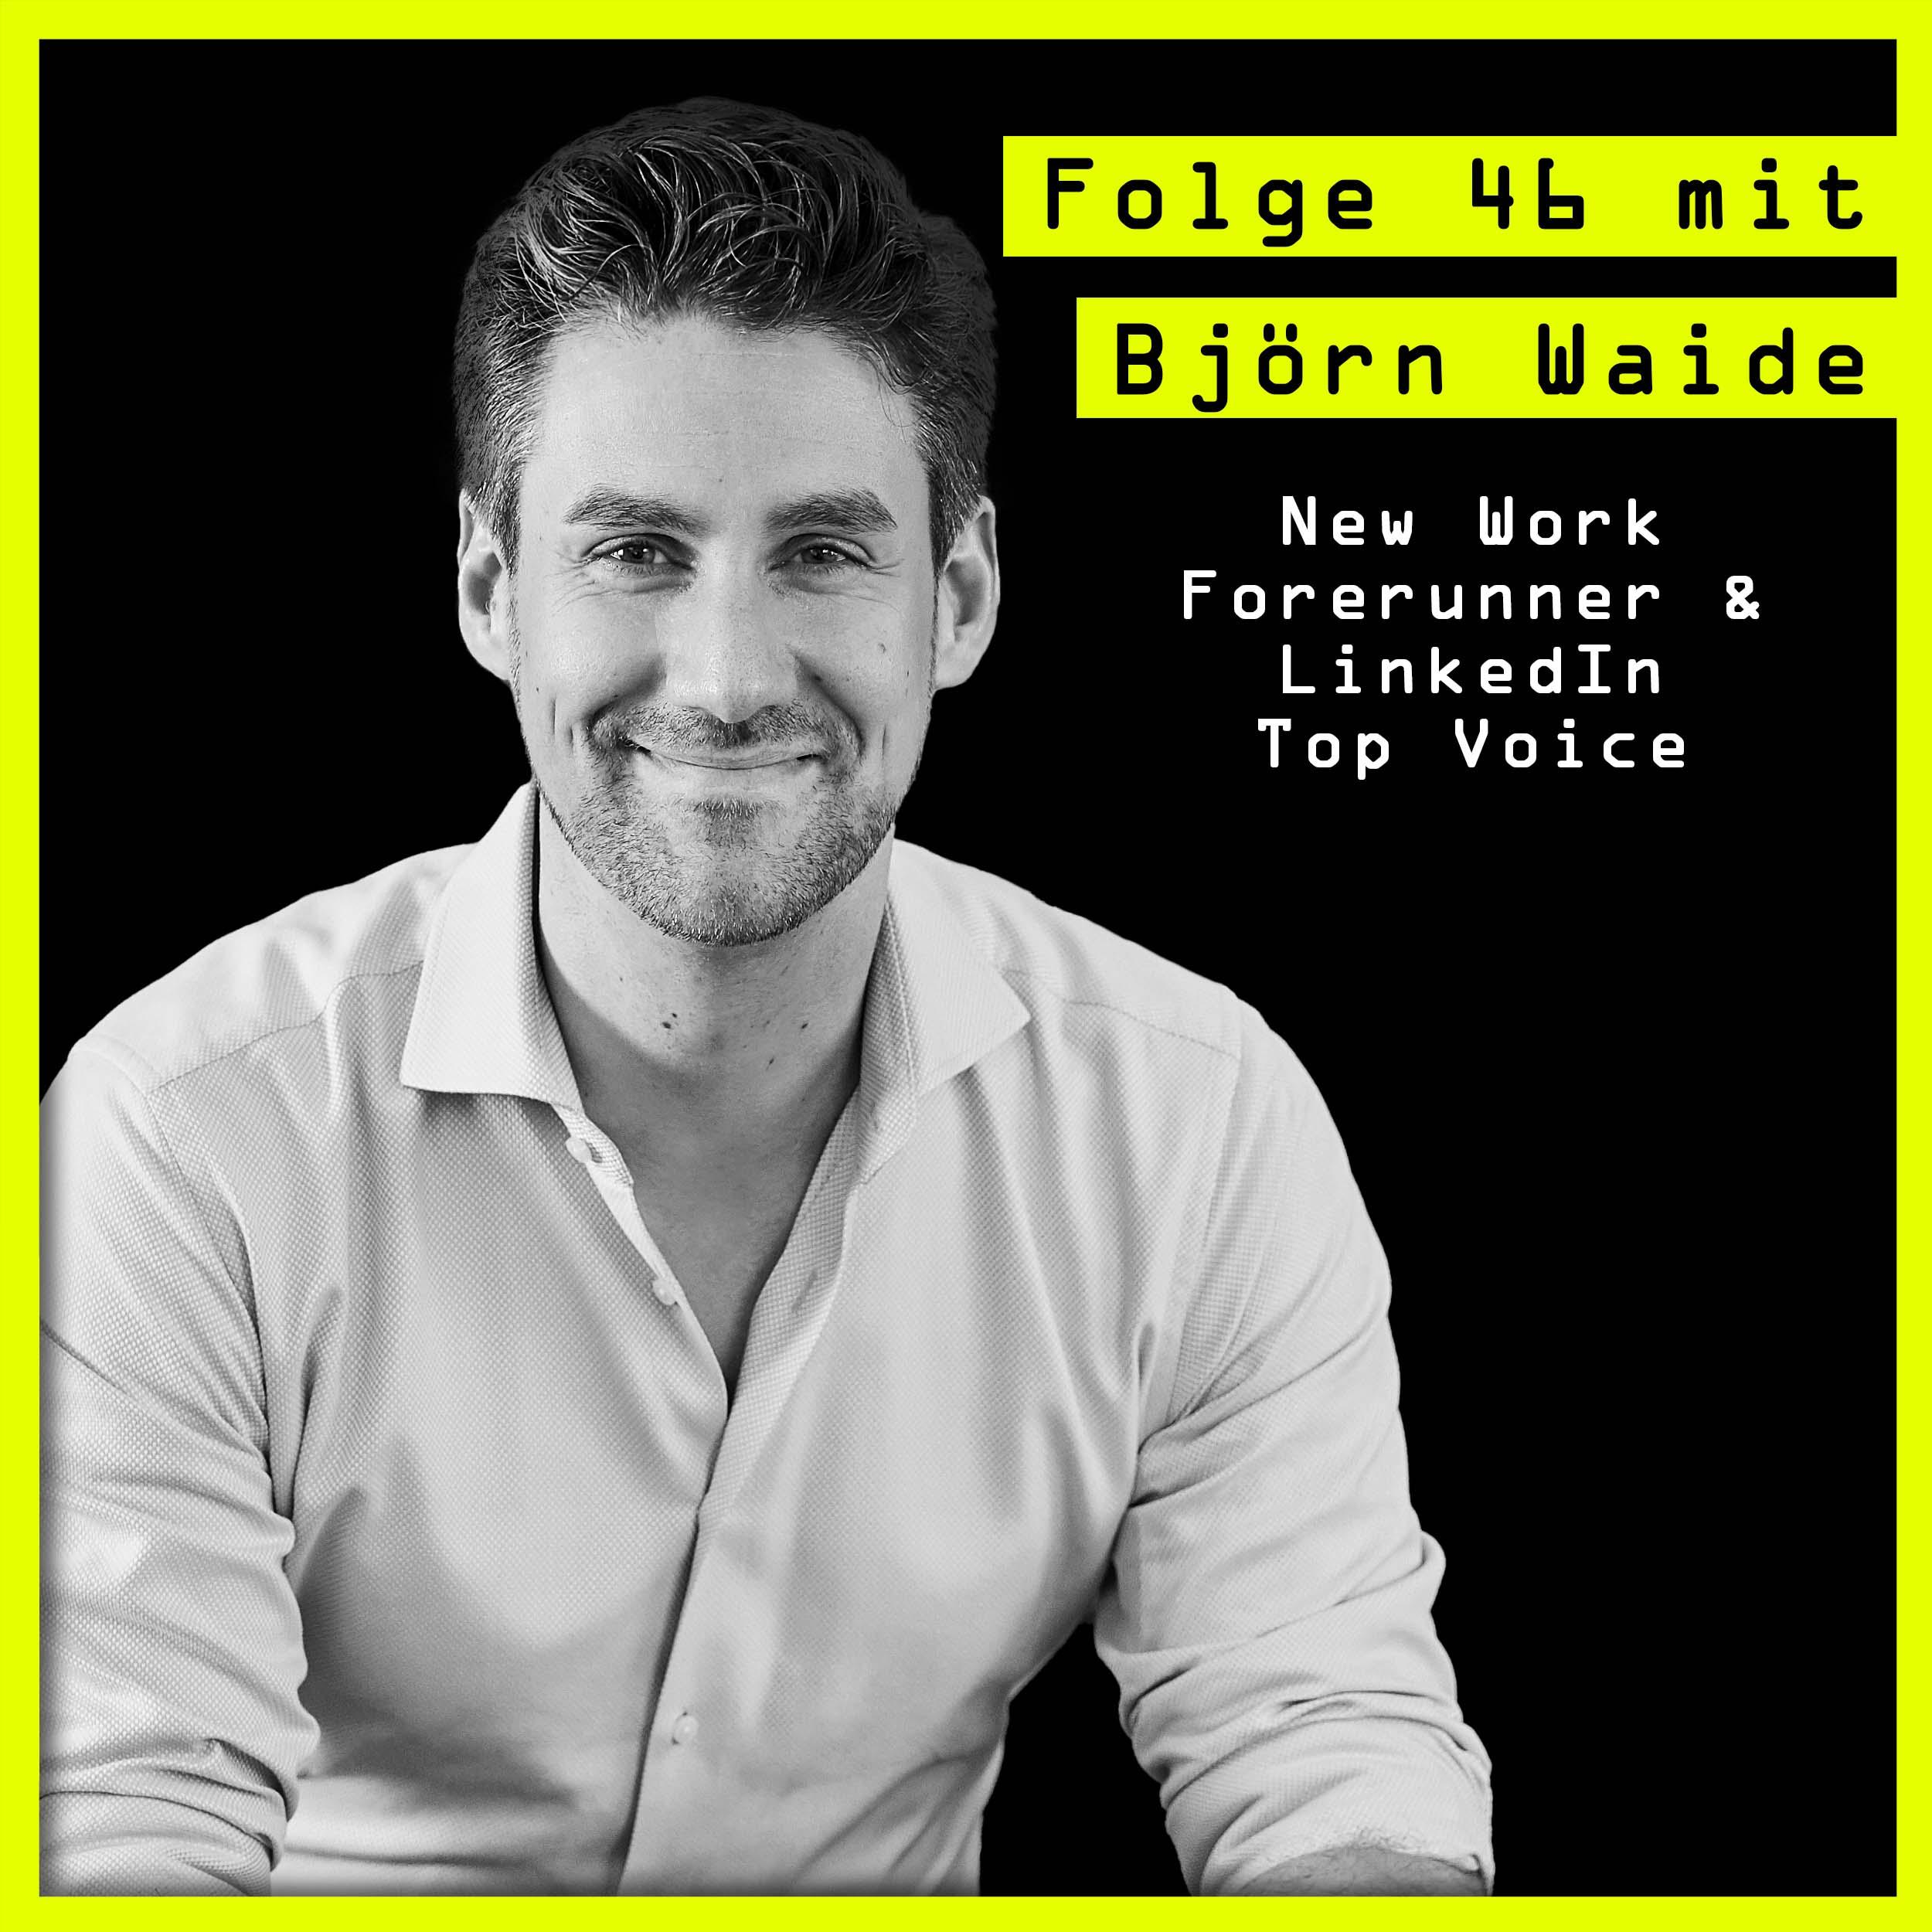 #46 mit Björn Waide (New Work Forerunner & LinkedIn Top Voice) über: Personenkommunikation, New Work & Hämorrhoidensalbe